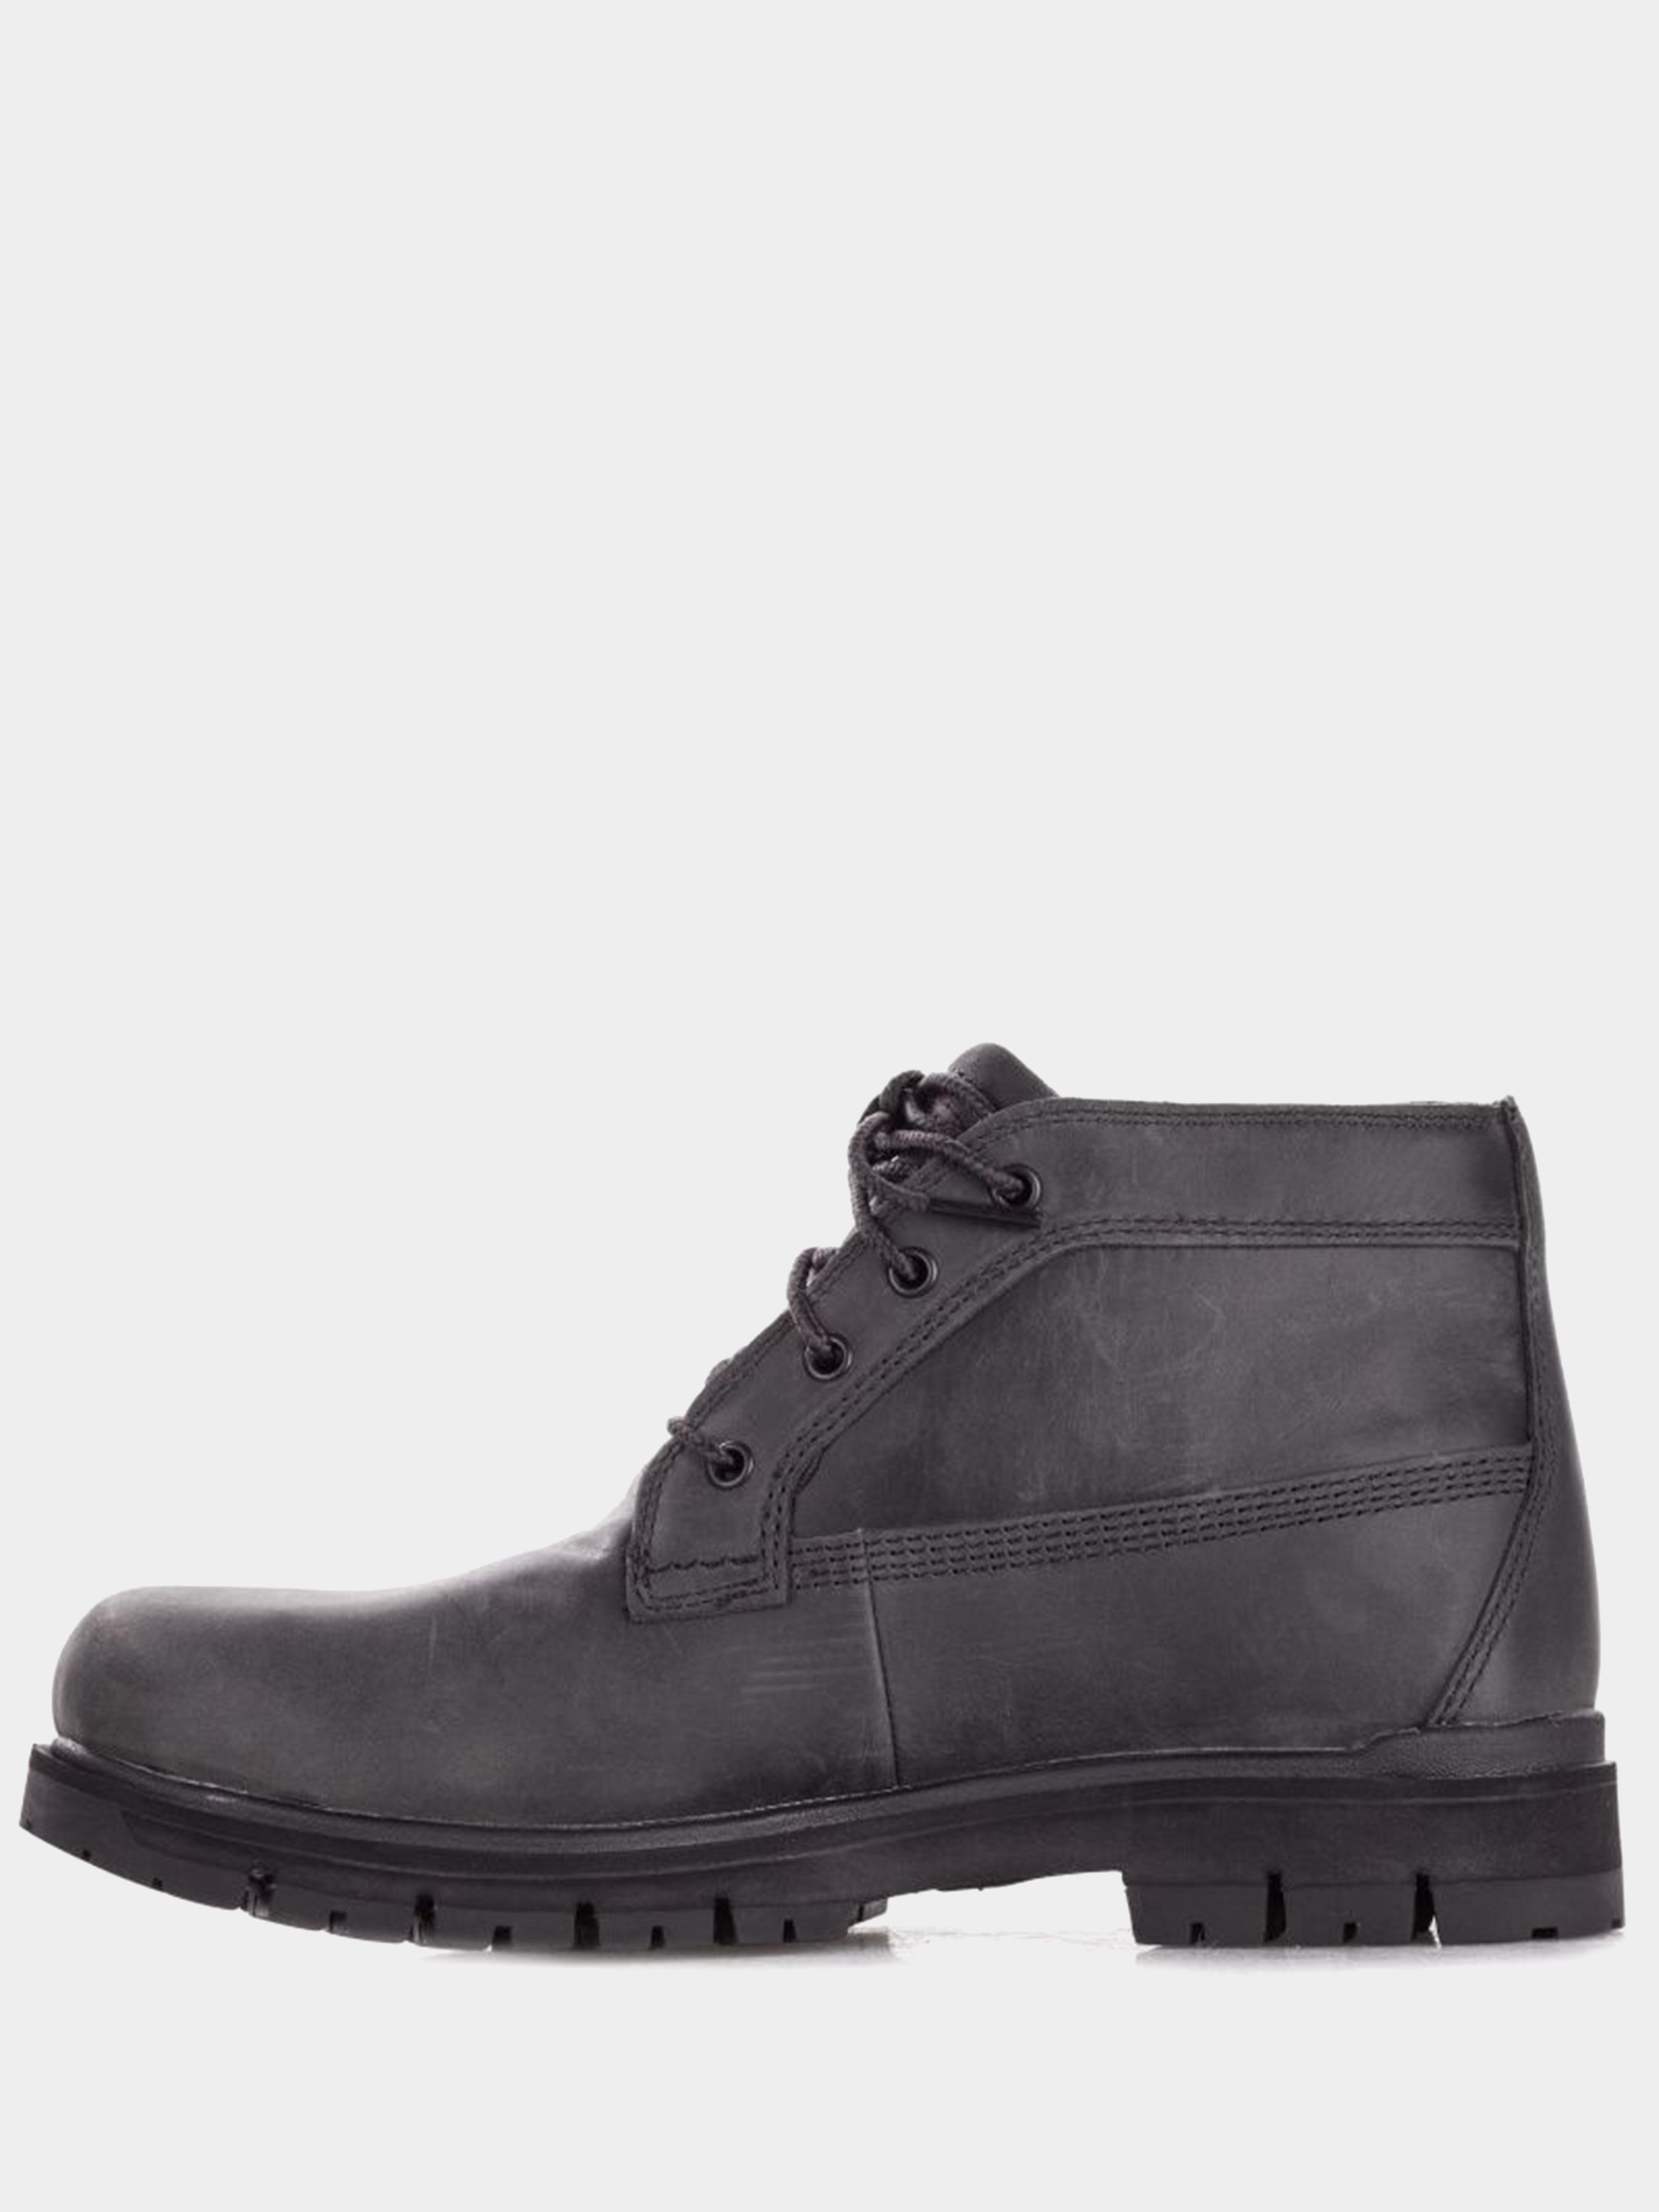 Ботинки для мужчин Timberland Radford TF3842 Заказать, 2017